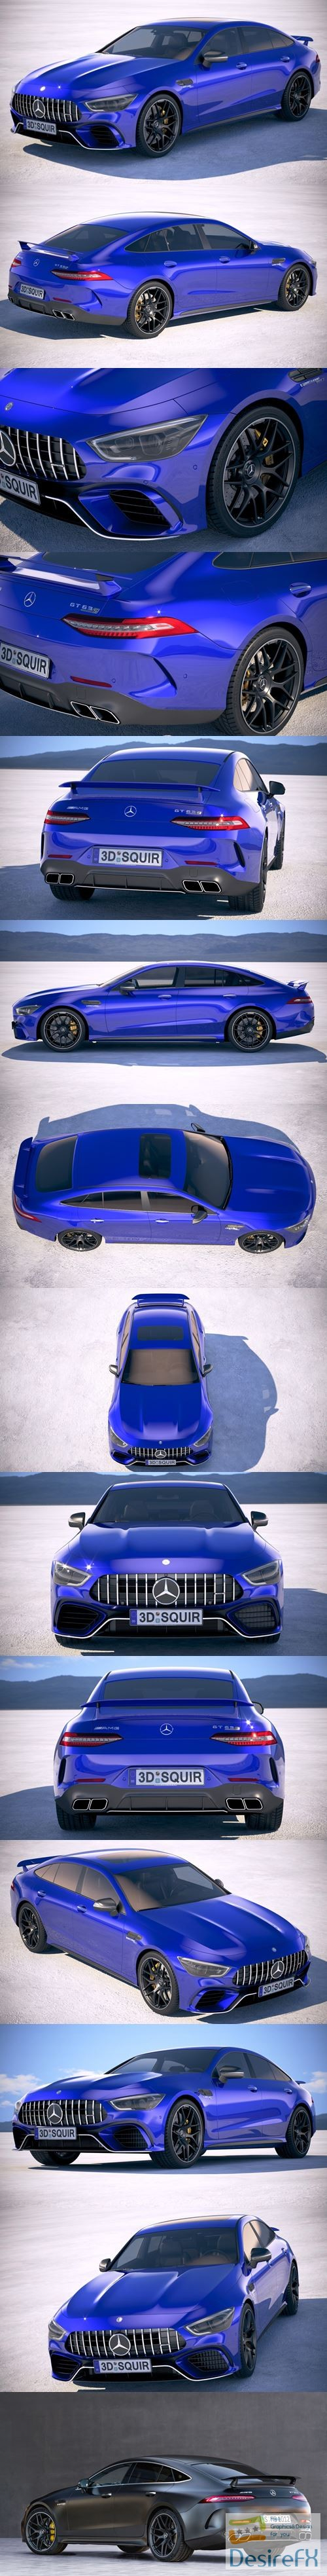 3d-models - Mercedes AMG GT63 2019 3D Model